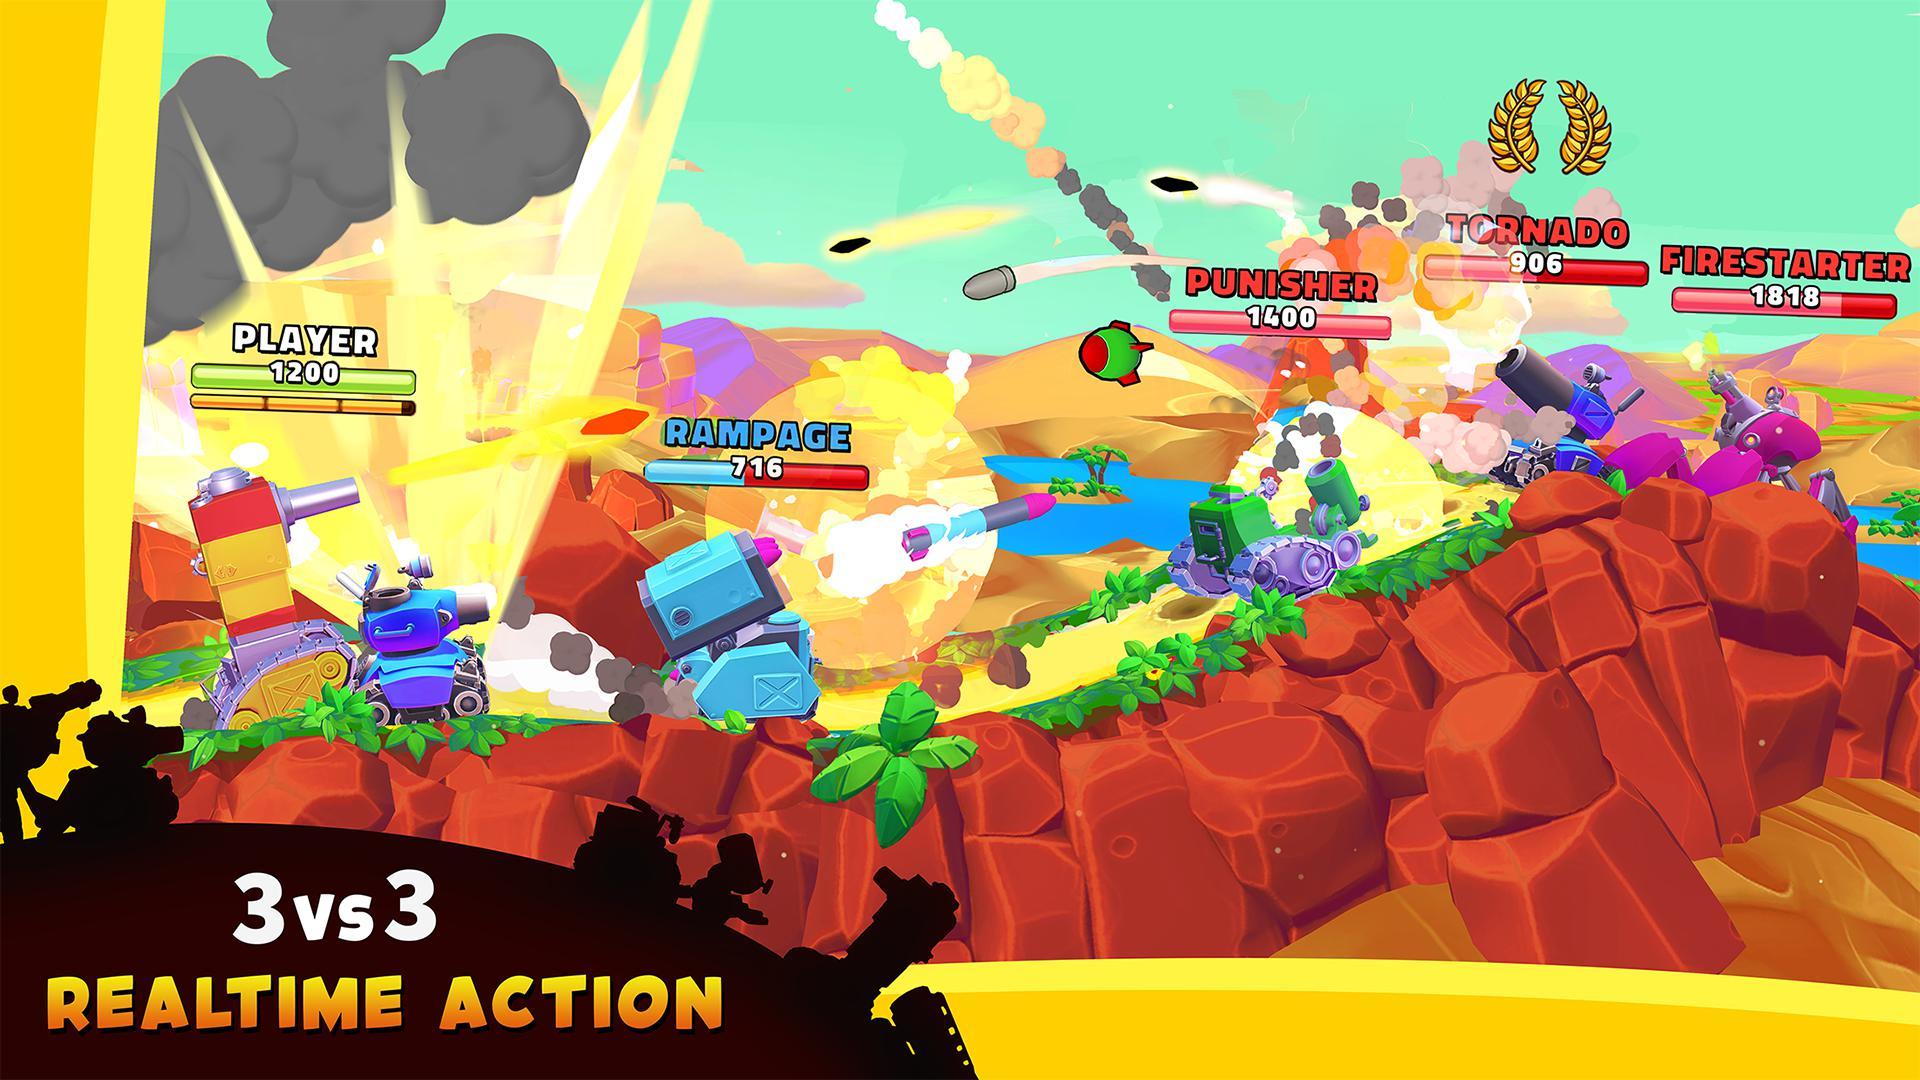 钢铁之丘 2 游戏截图4